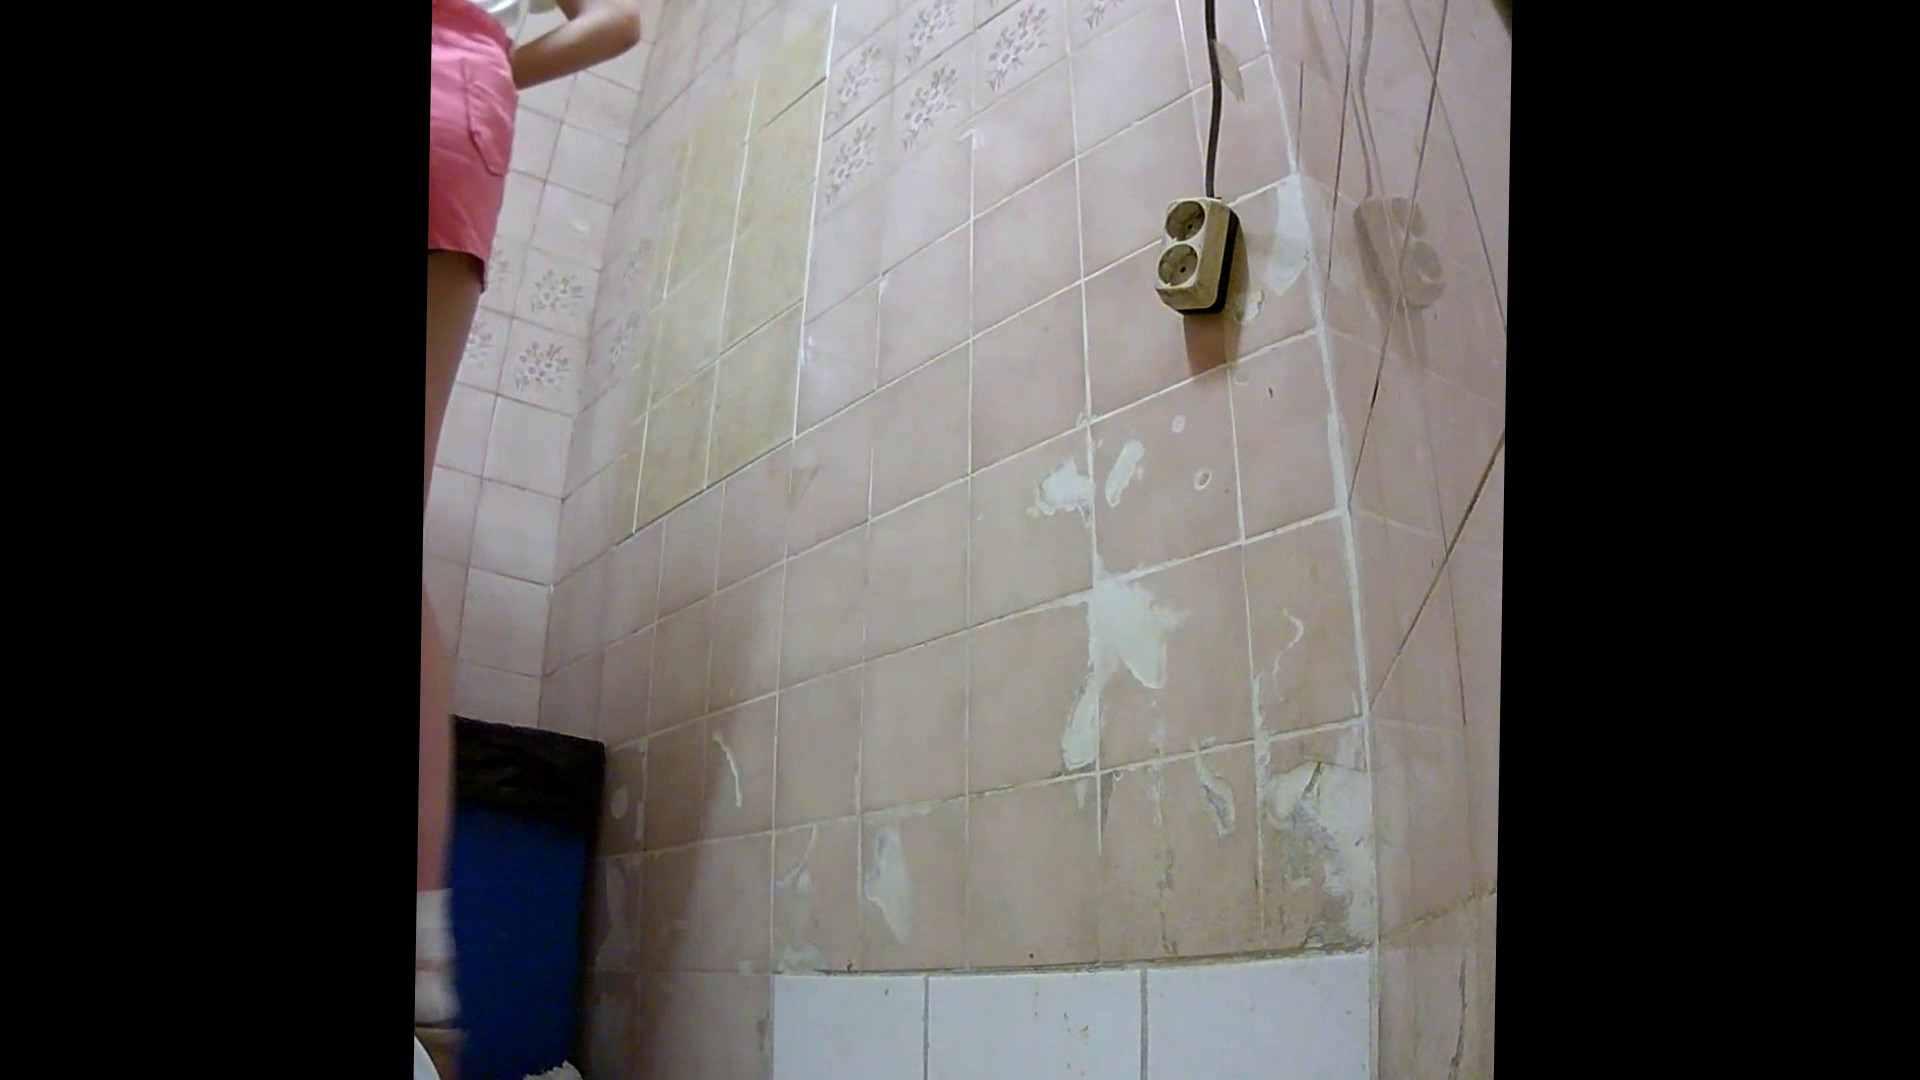 潜入!!韓国秘密のトイレ!Vol.16 すけべなOL | 潜入報告  105画像 85